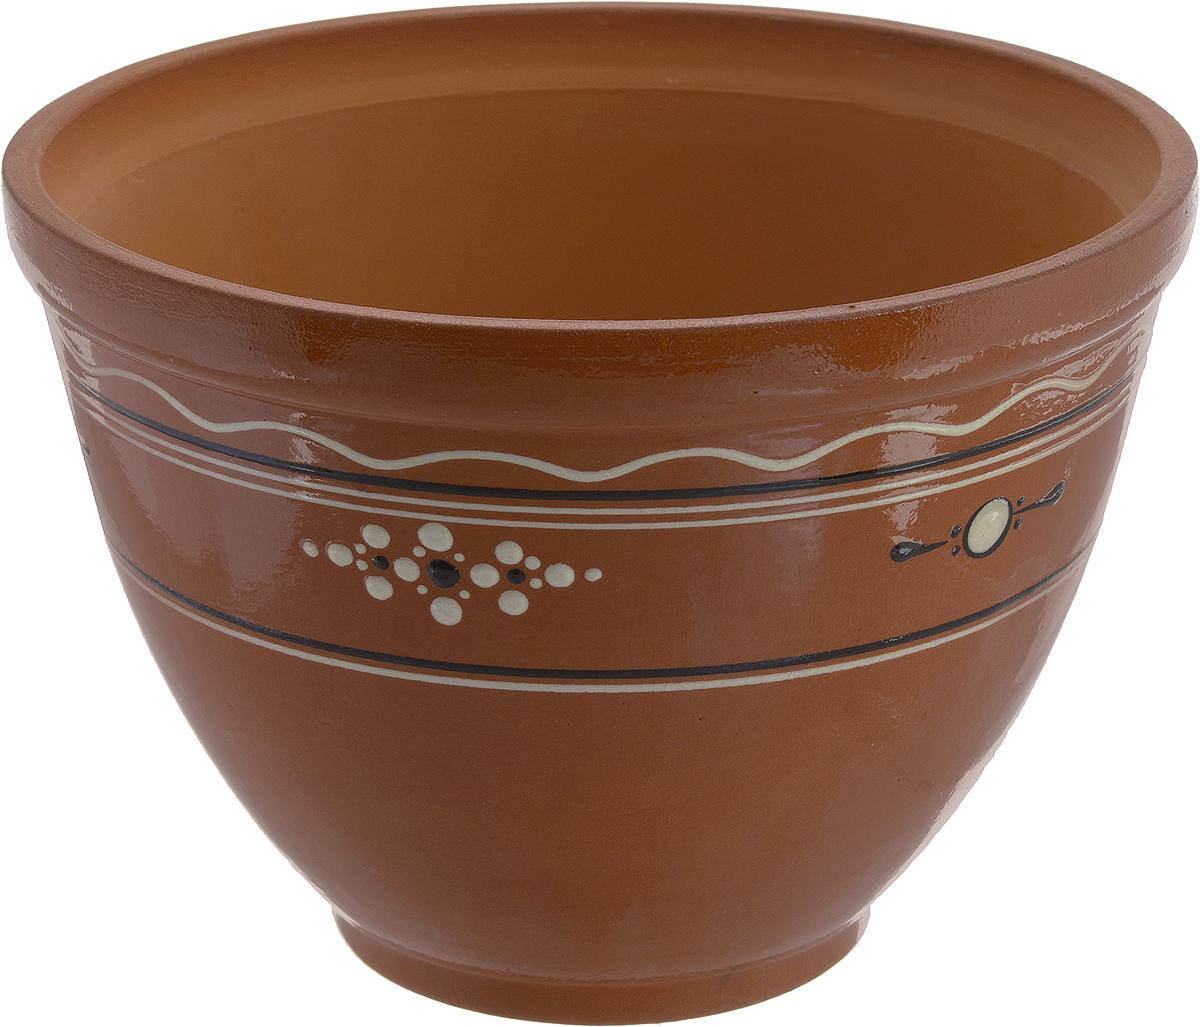 Горшок для цветов Ломоносовская керамика, 2,5 лЛ4819Горшок Ломоносовская керамика выполнен из глины. Внешние стенки изделия покрыты глазурью и оформлены оригинальным рисунком. Горшок предназначен для выращивания цветов, растений и трав. Он порадует вас функциональностью, а также украсит интерьер помещения. Объем: 2,5 л. Диаметр горшка (по верхнему краю): 20 см. Высота горшка: 15 см.